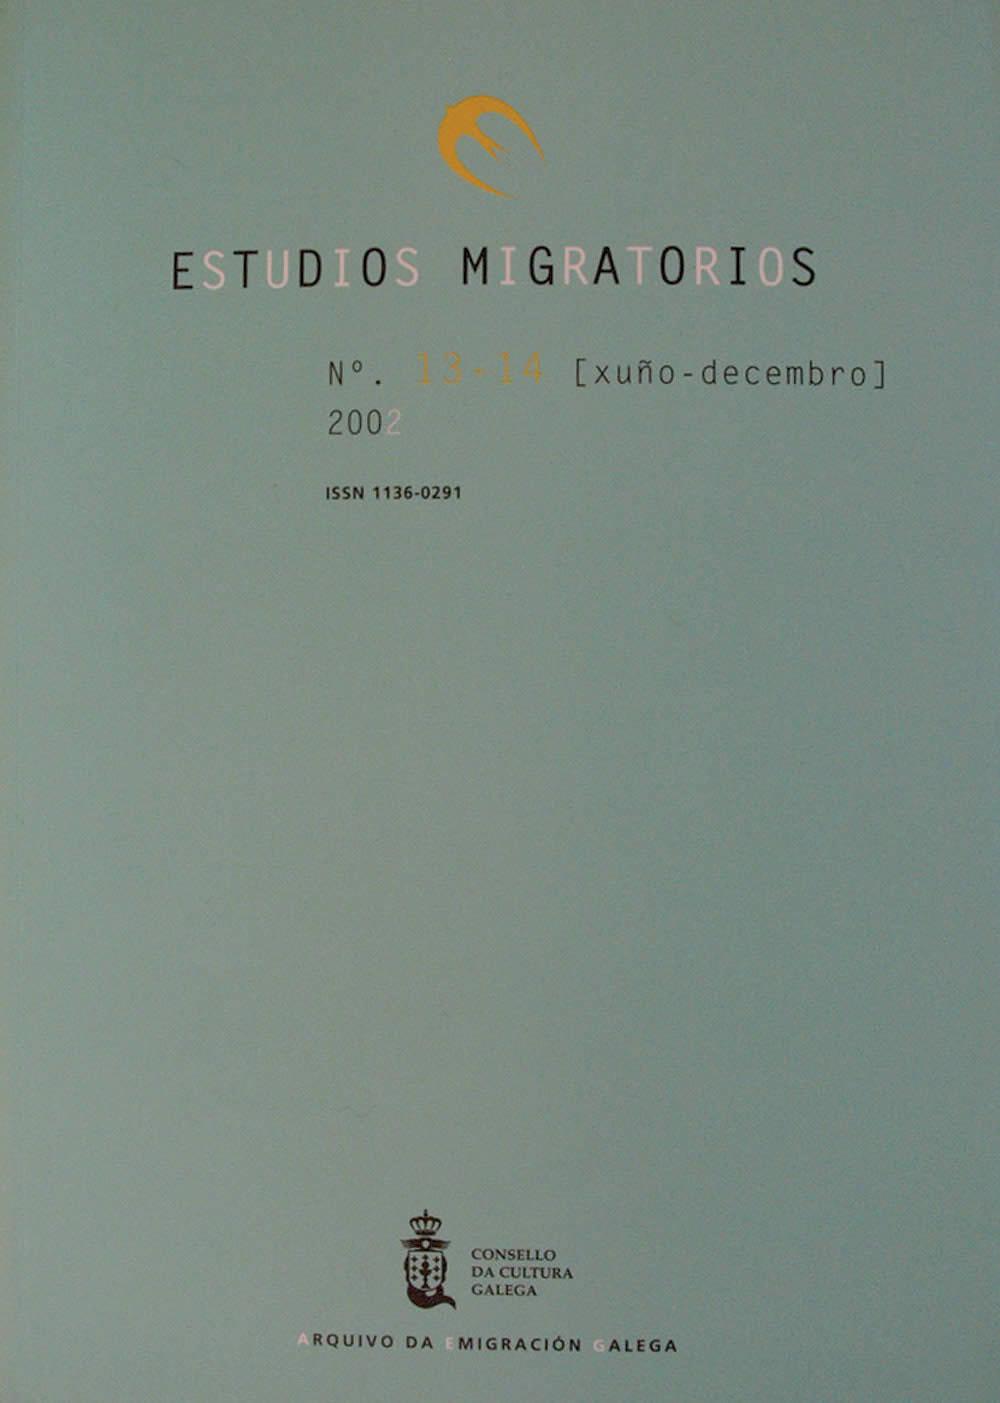 Portada de  Estudios Migratorios N.º 13-14 (xuño-decembro 2002)